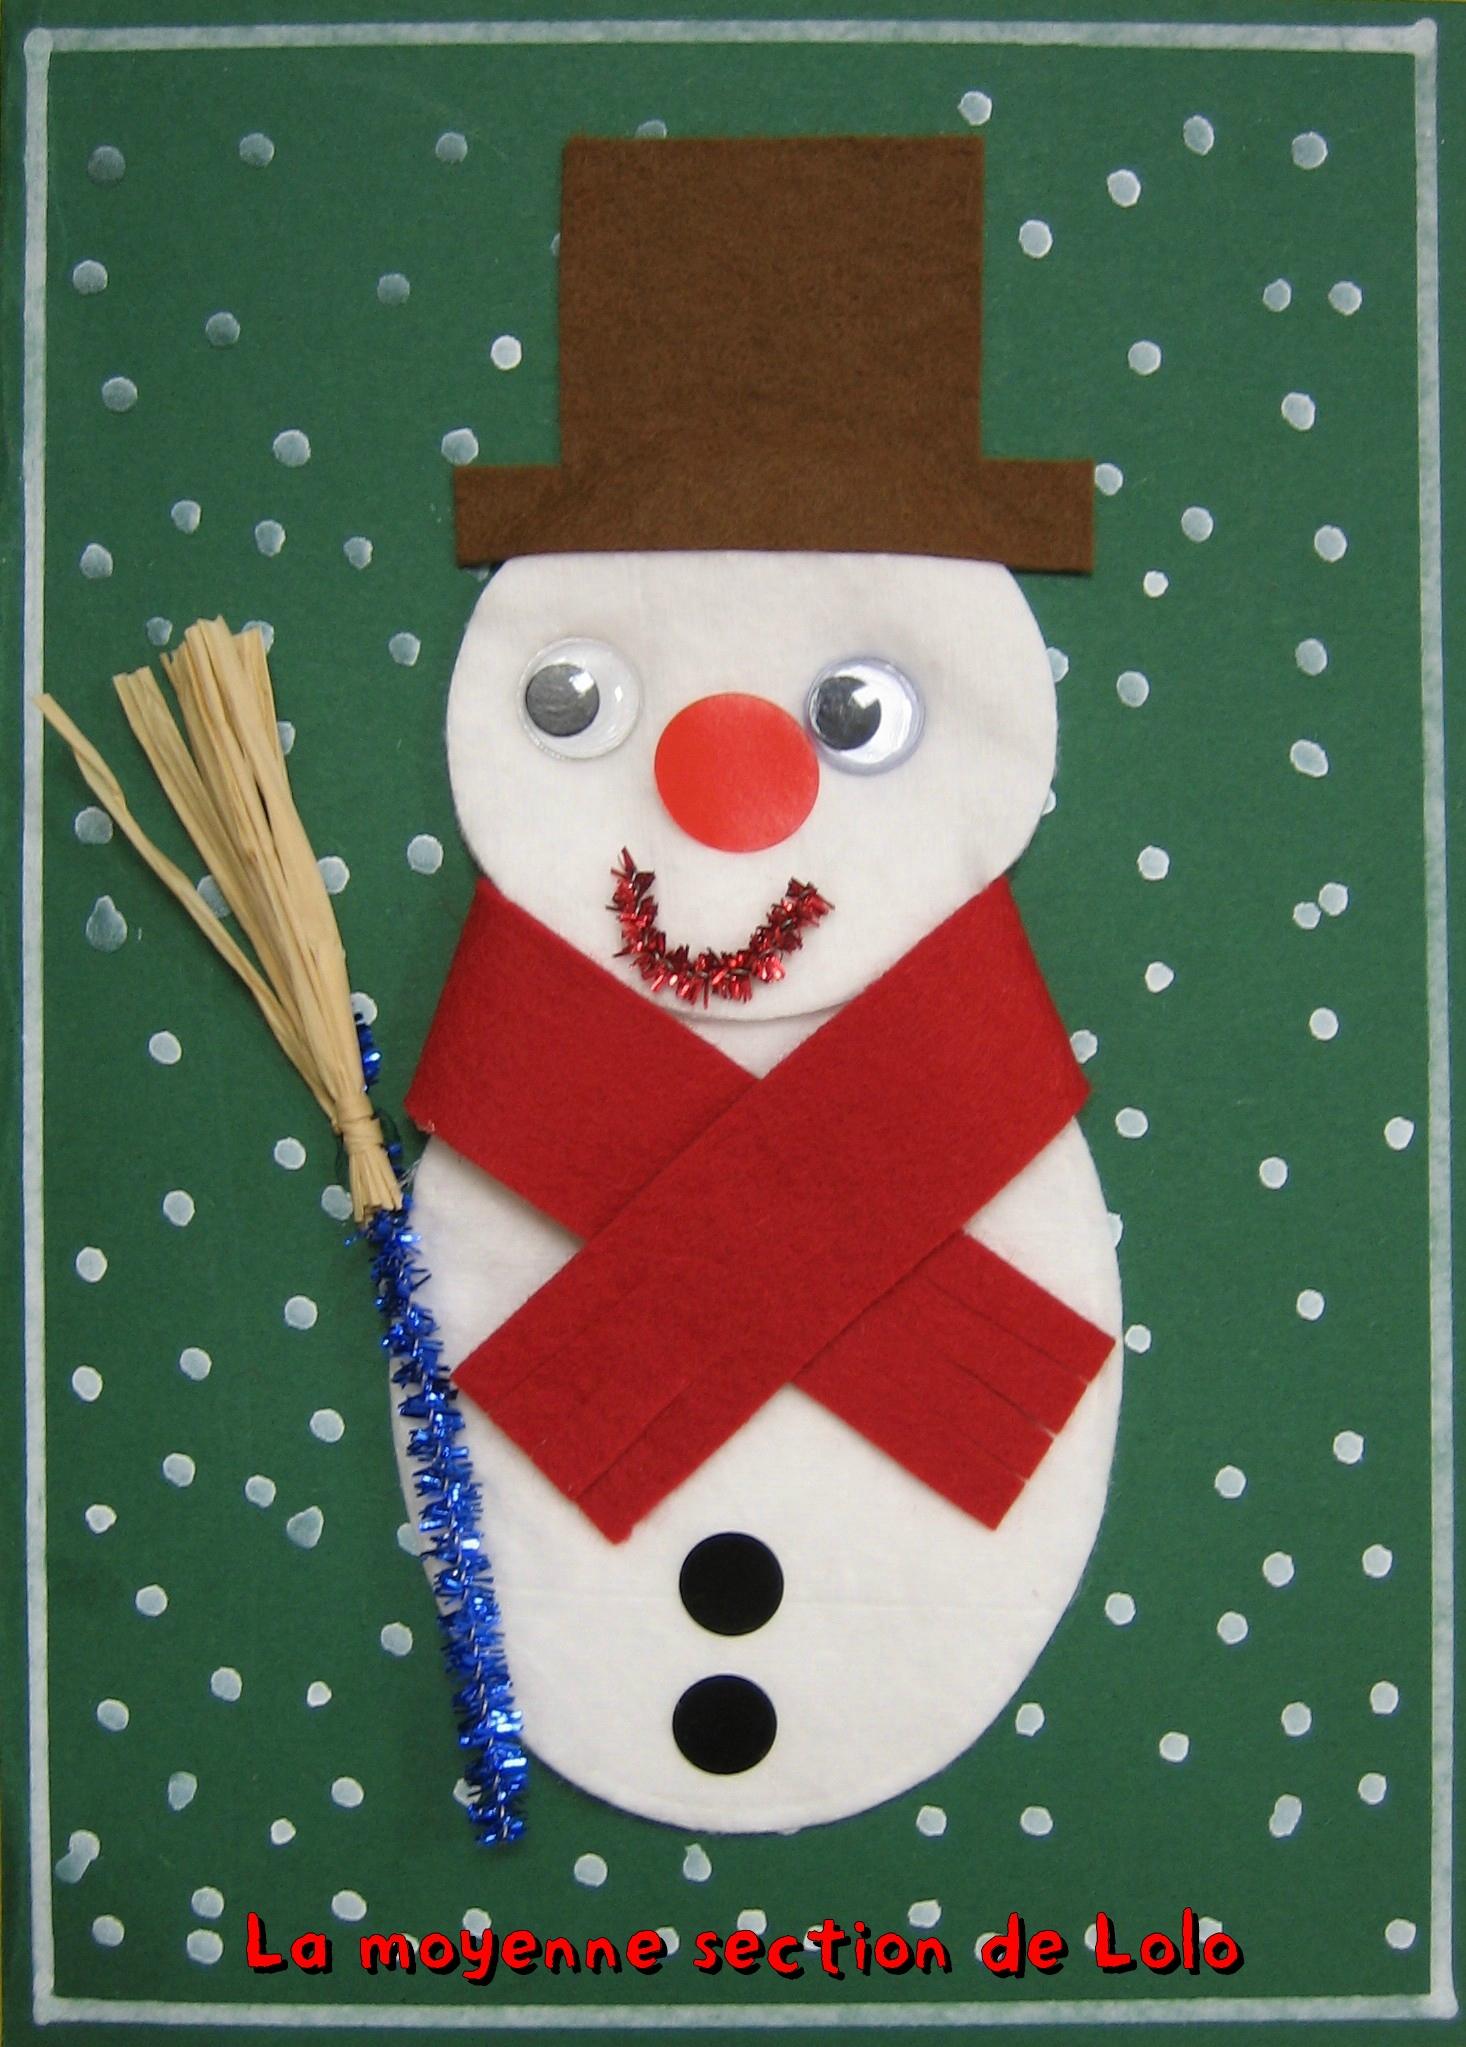 Carte Et Decorations De Noël - La Moyenne Section De Lolo concernant Cartes De Noel Maternelle